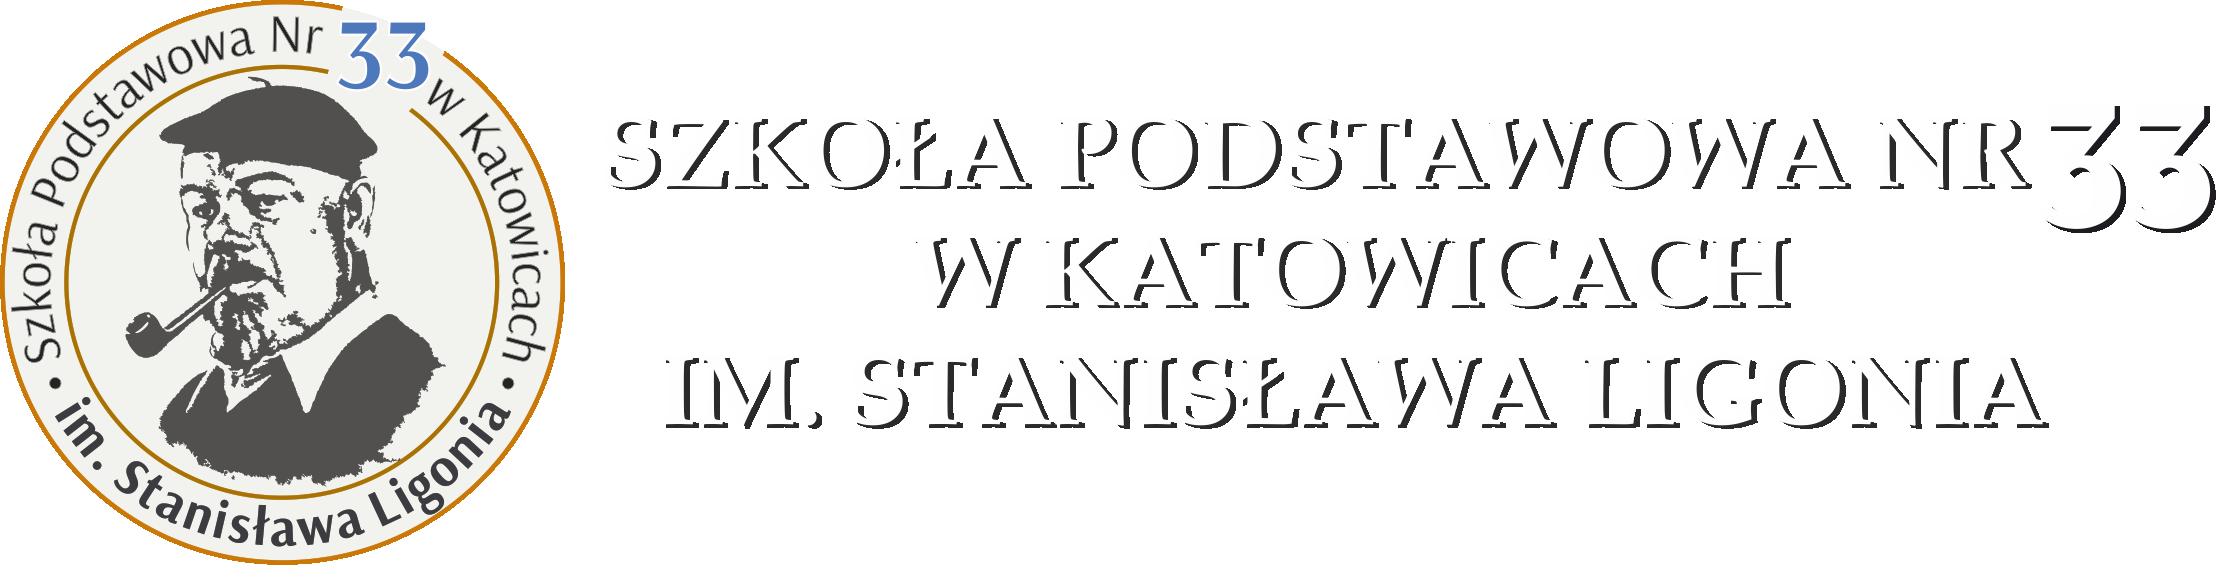 Szkoła Podstawowa nr 33 w Katowicach